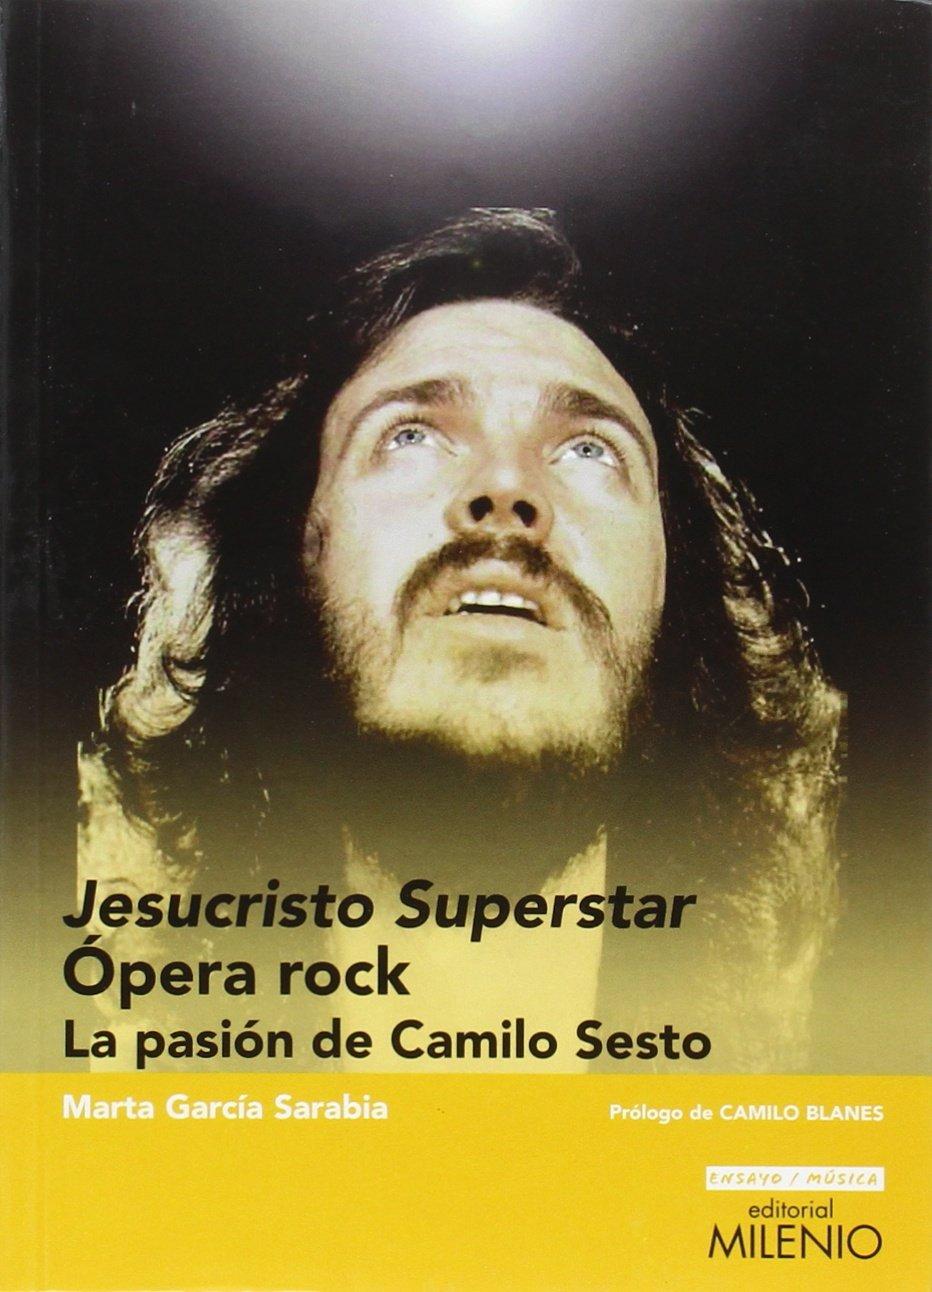 Jesucristo Superstar ópera Rock La Pasión De Camilo Sesto 05 Ensayo Música Amazon Es García Sarabia Marta Blanes Cortés Camilo Libros